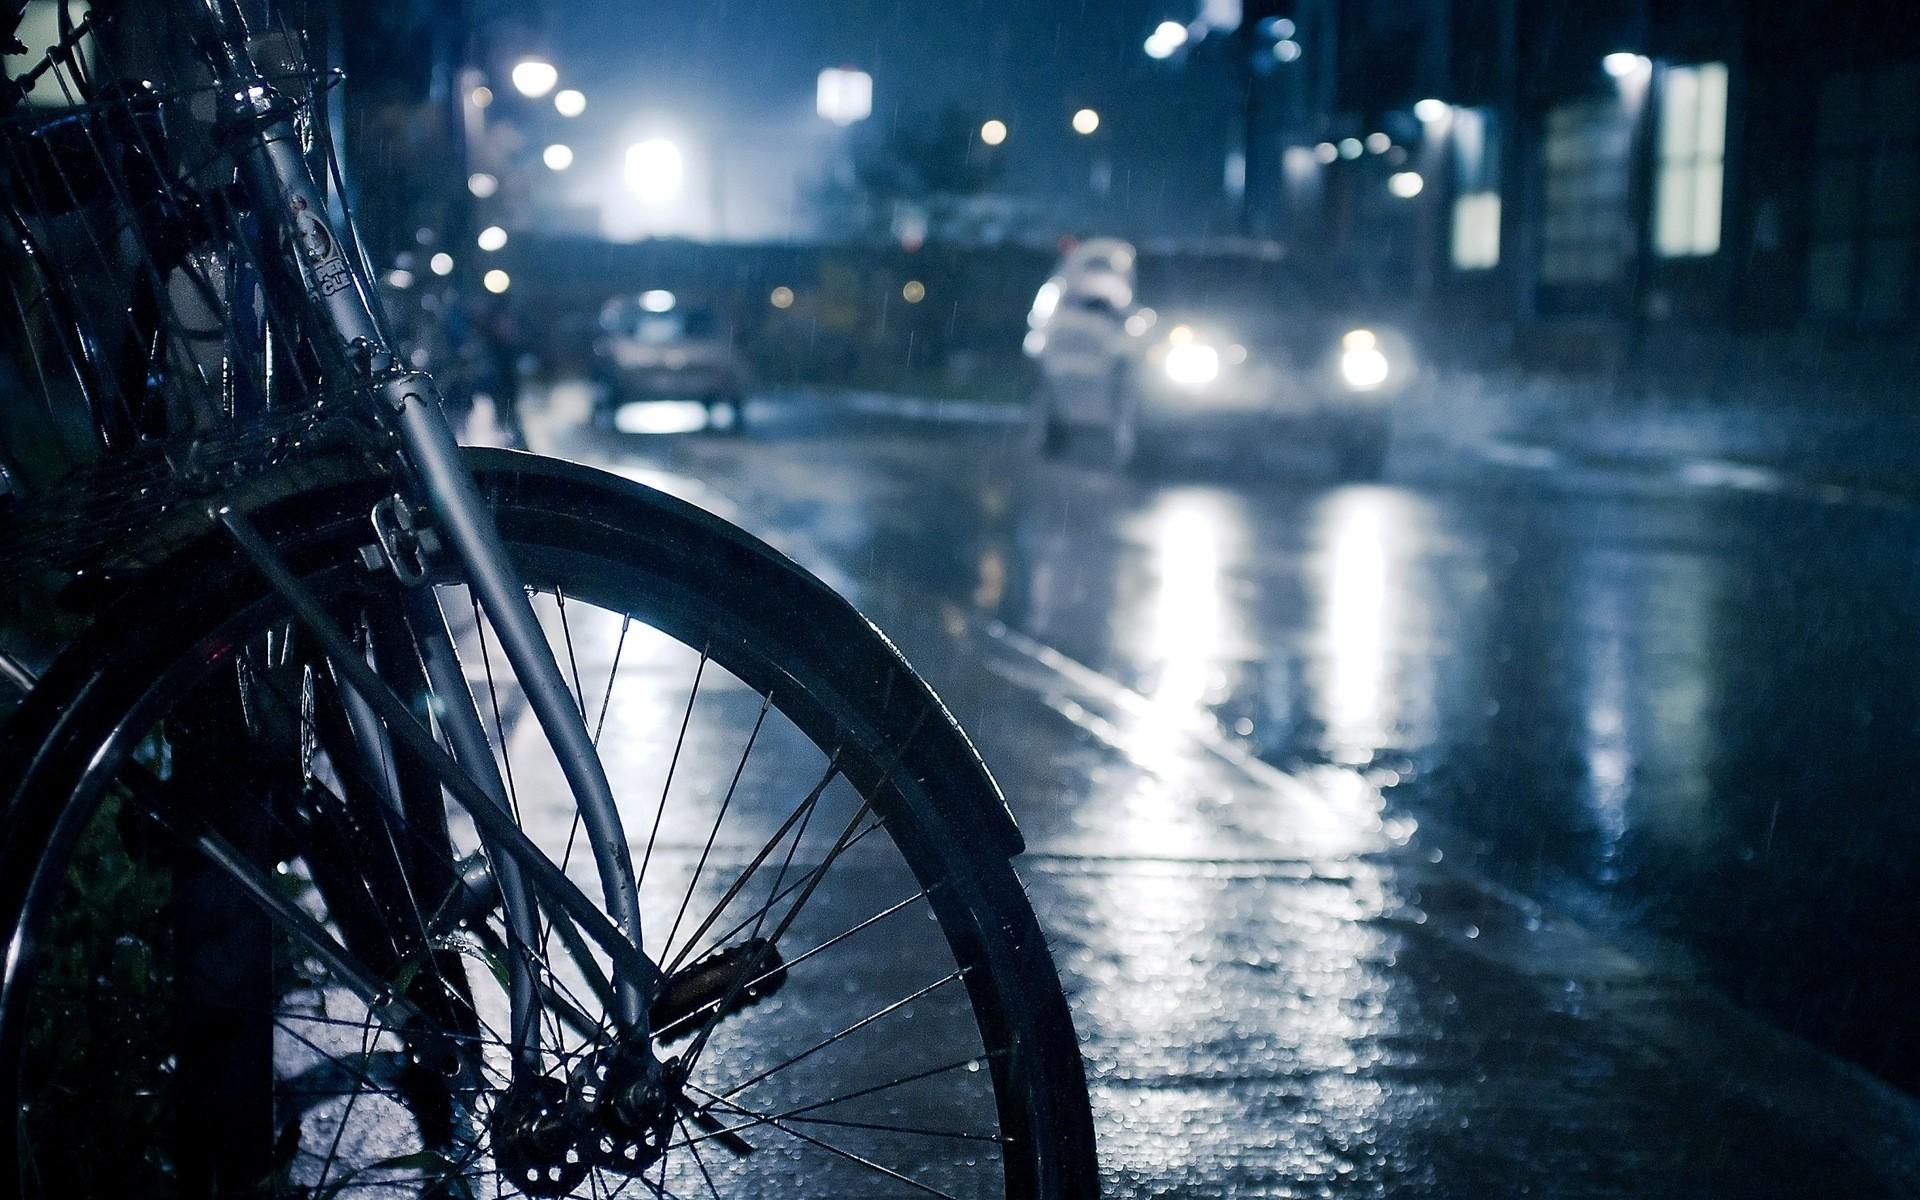 Rainy Day Background 51 Images